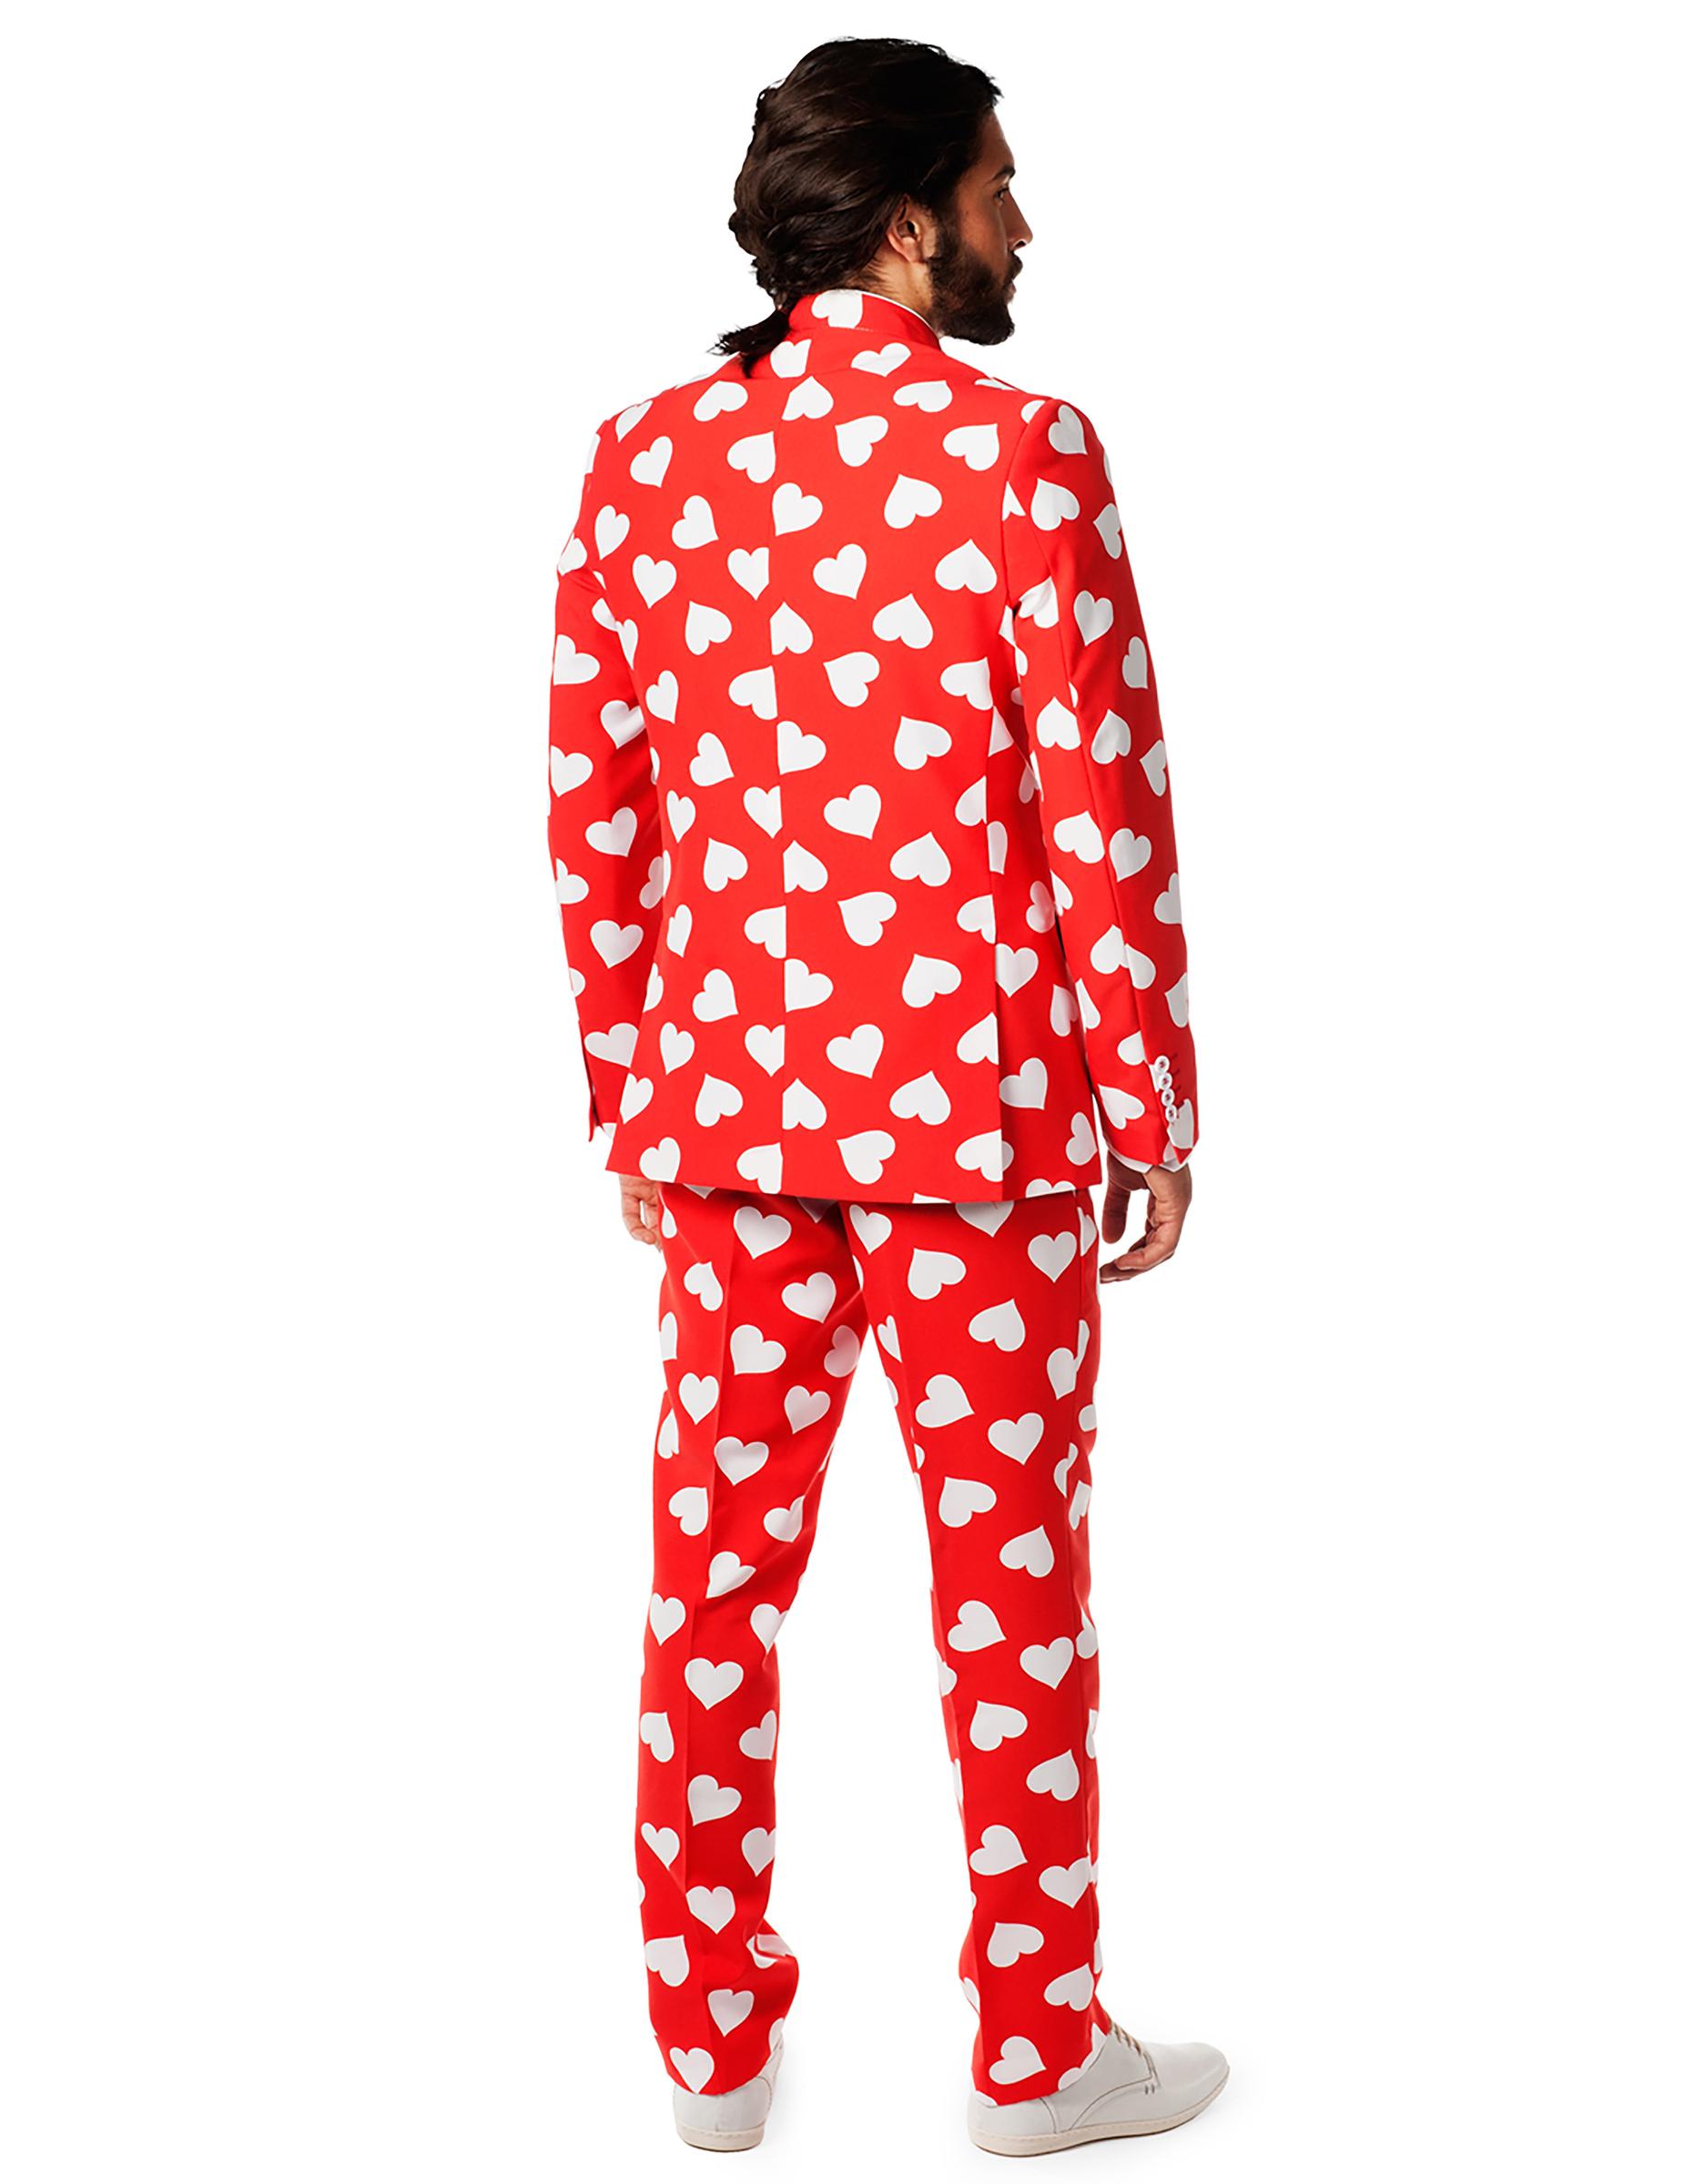 costume mr saint valentin homme opposuits d coration. Black Bedroom Furniture Sets. Home Design Ideas